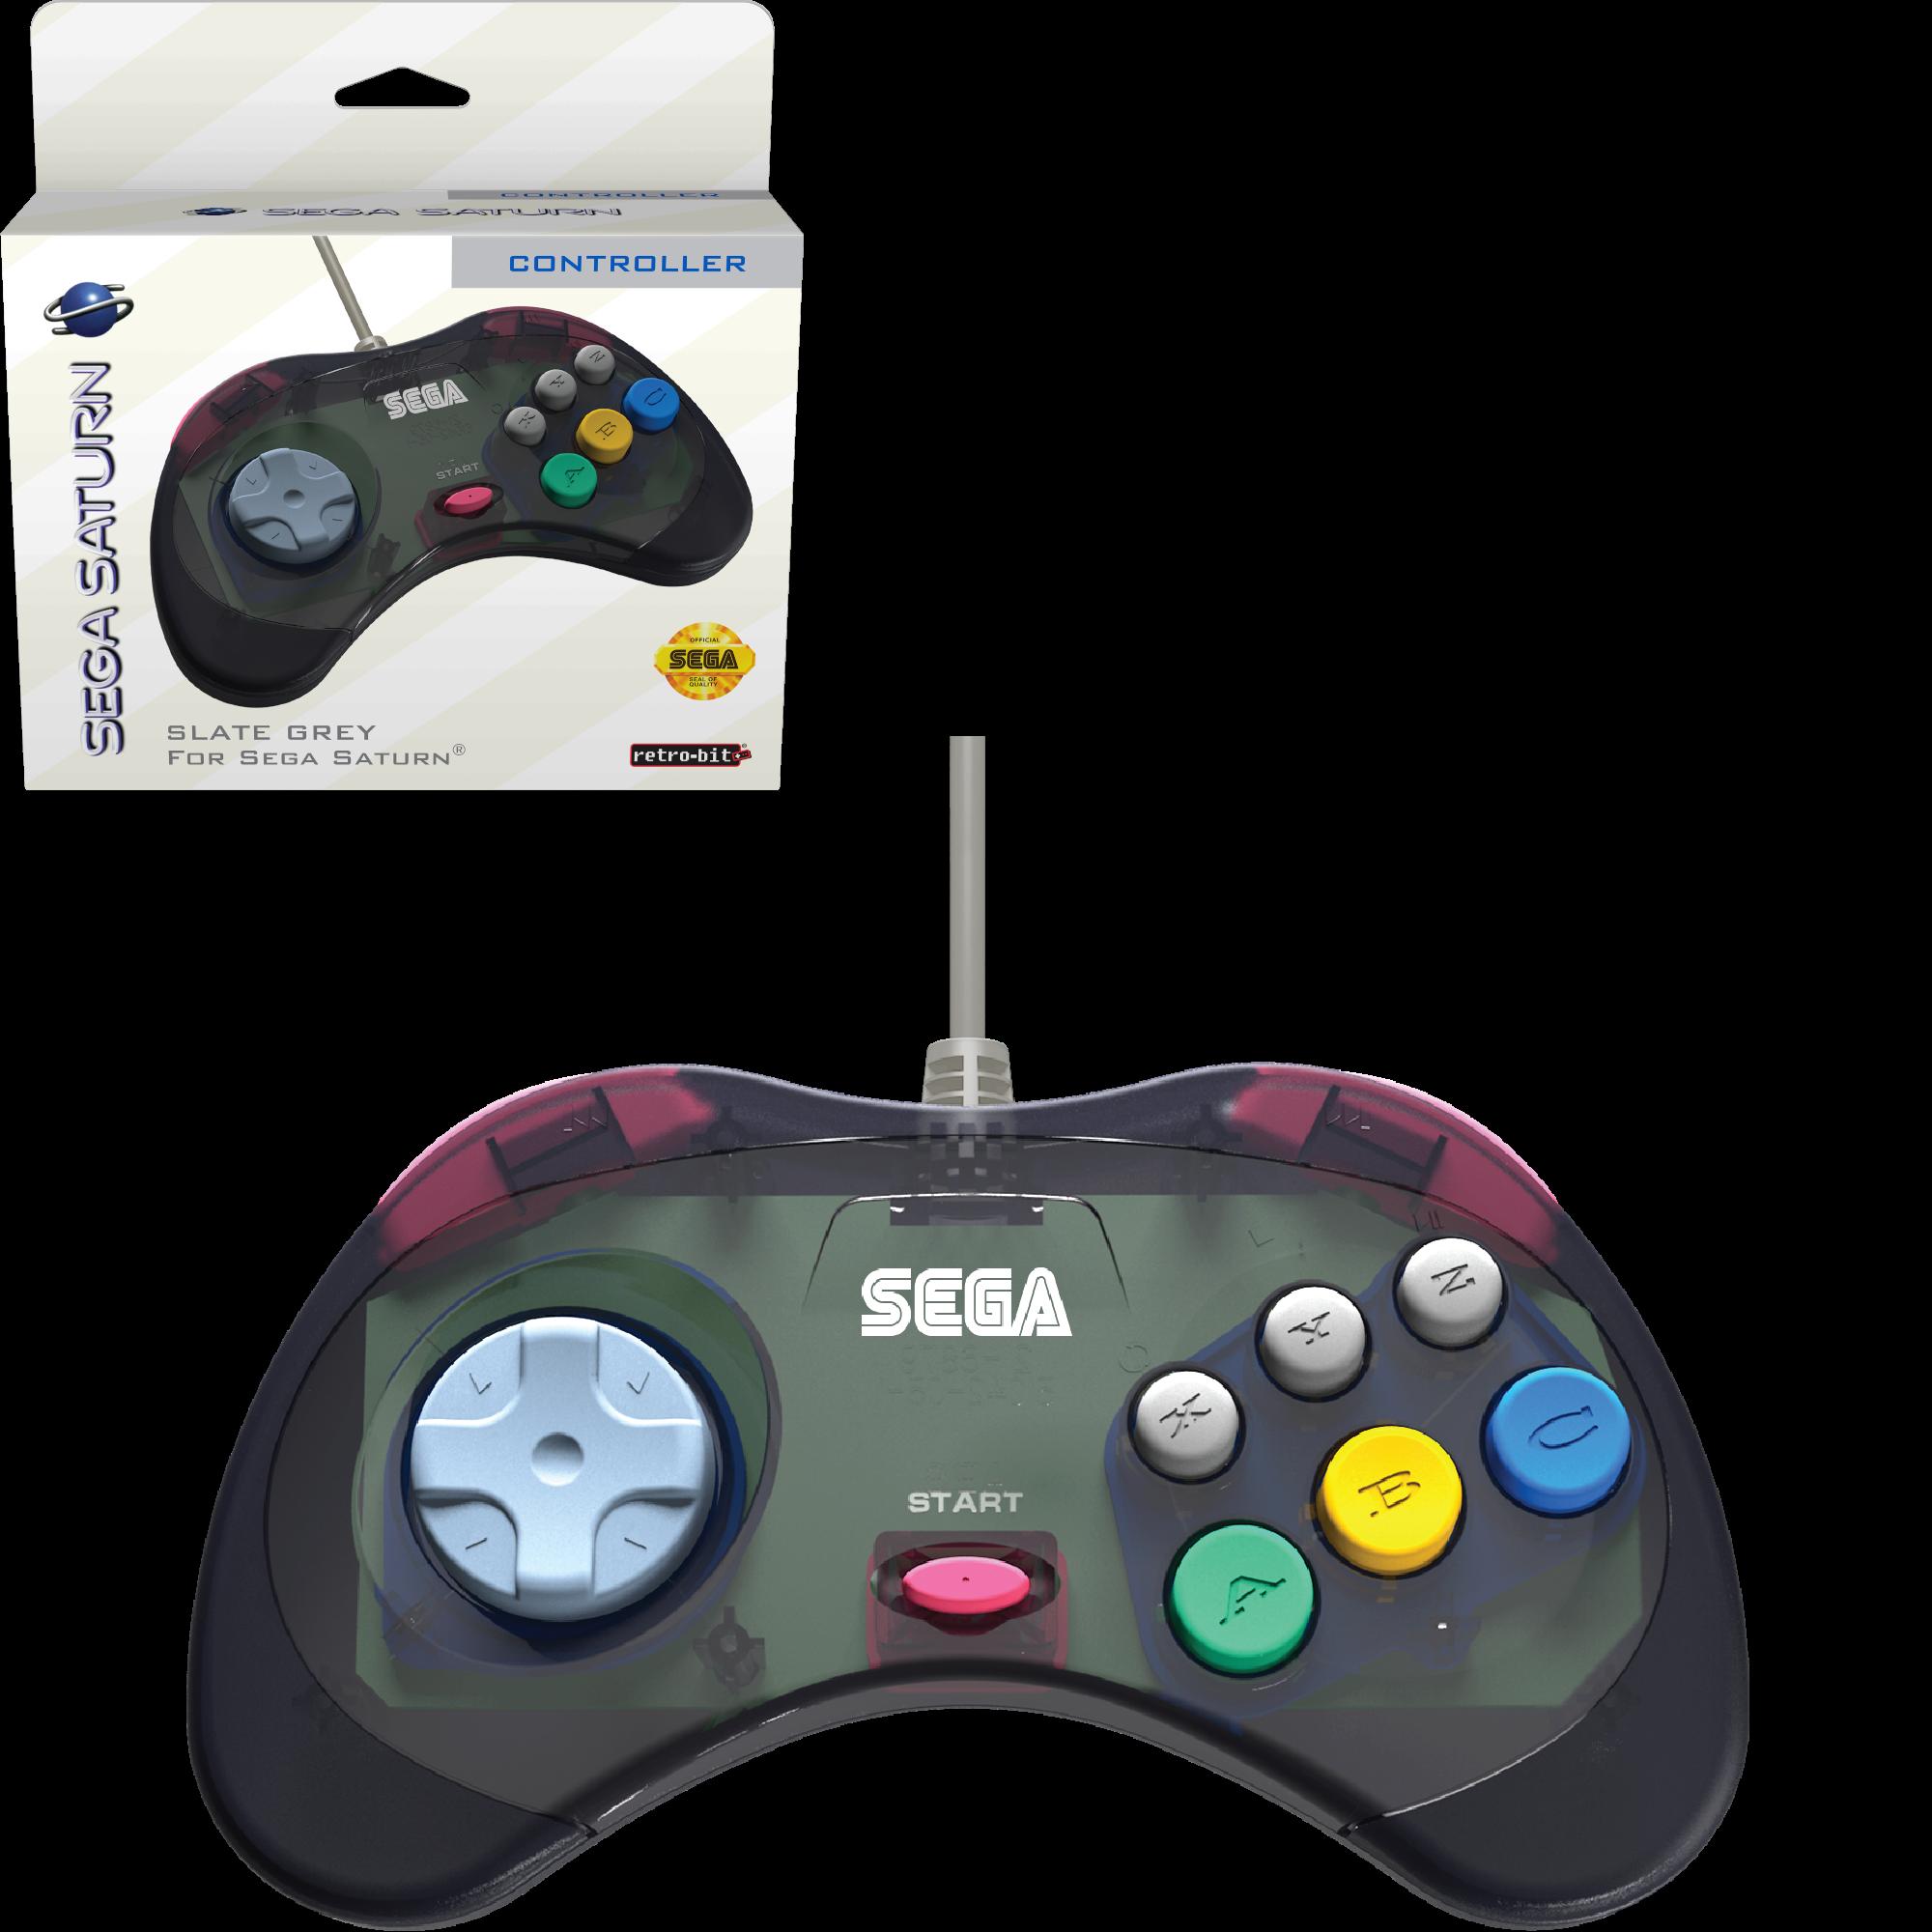 RB-SGA-022